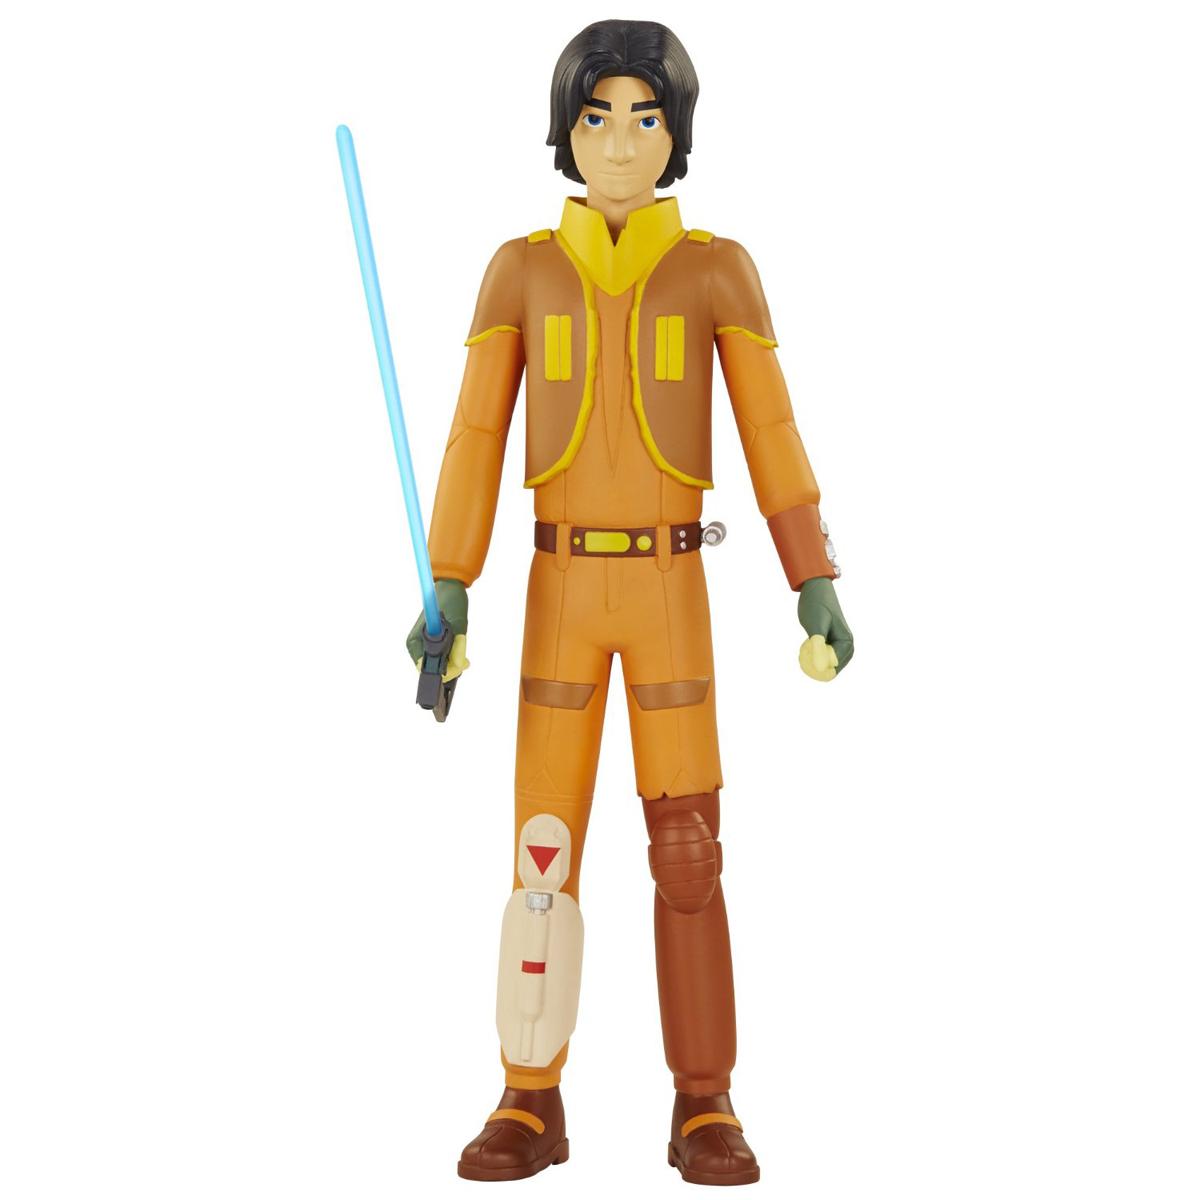 Большая фигурка Езра, Воины Повстанцев  Звёздные воины - Игрушки Star Wars (Звездные воины), артикул: 112693